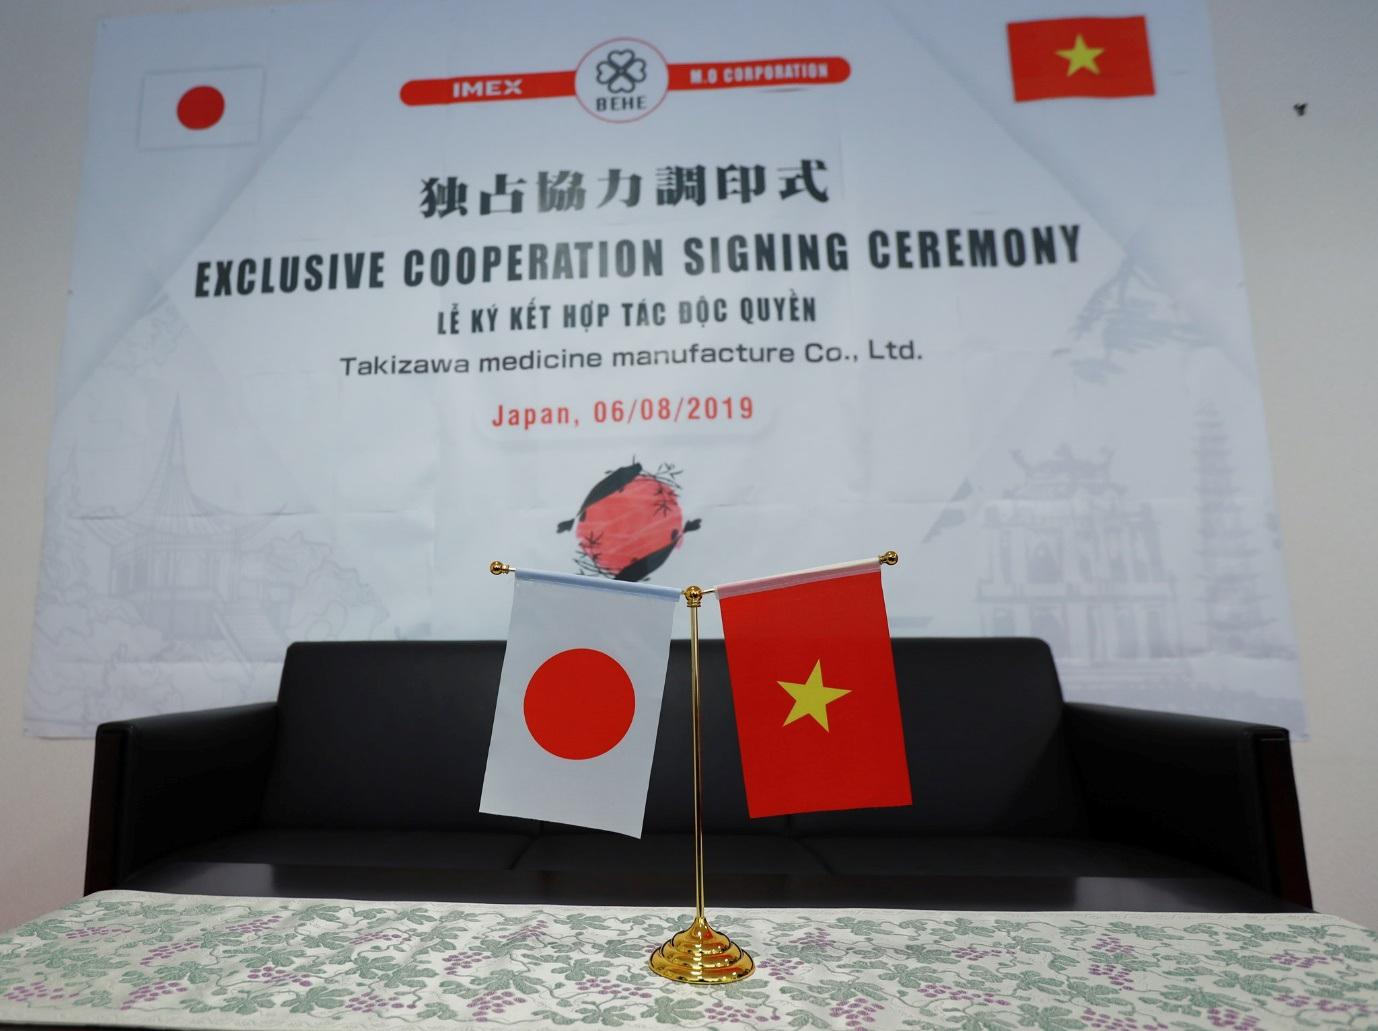 BEHE Việt Nam và Imex ký kết hợp tác độc quyền với tập đoàn Takizawa - 5